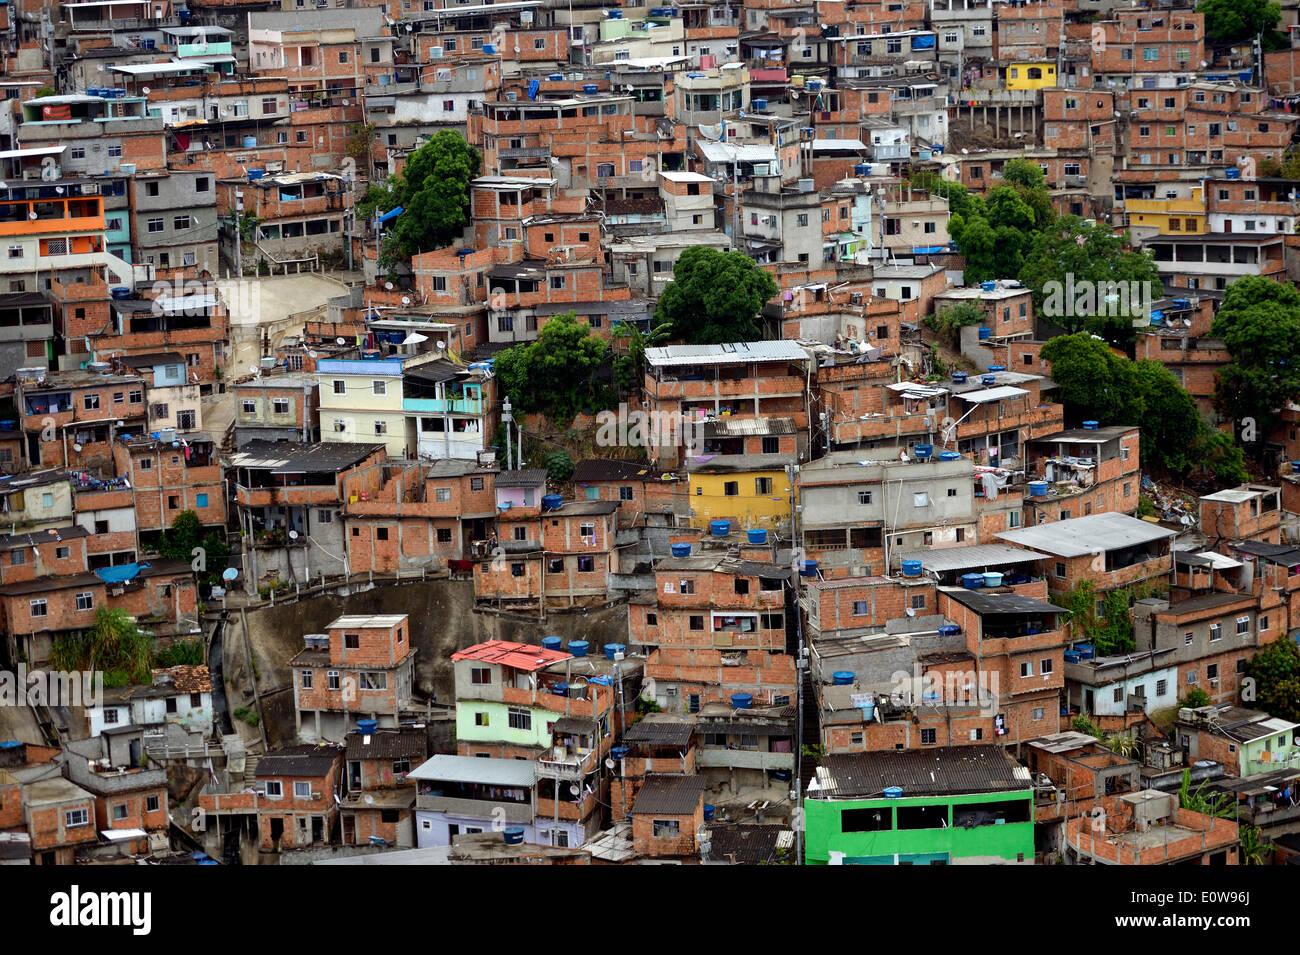 complexo do alemao favela rio de janeiro brazil stock photo